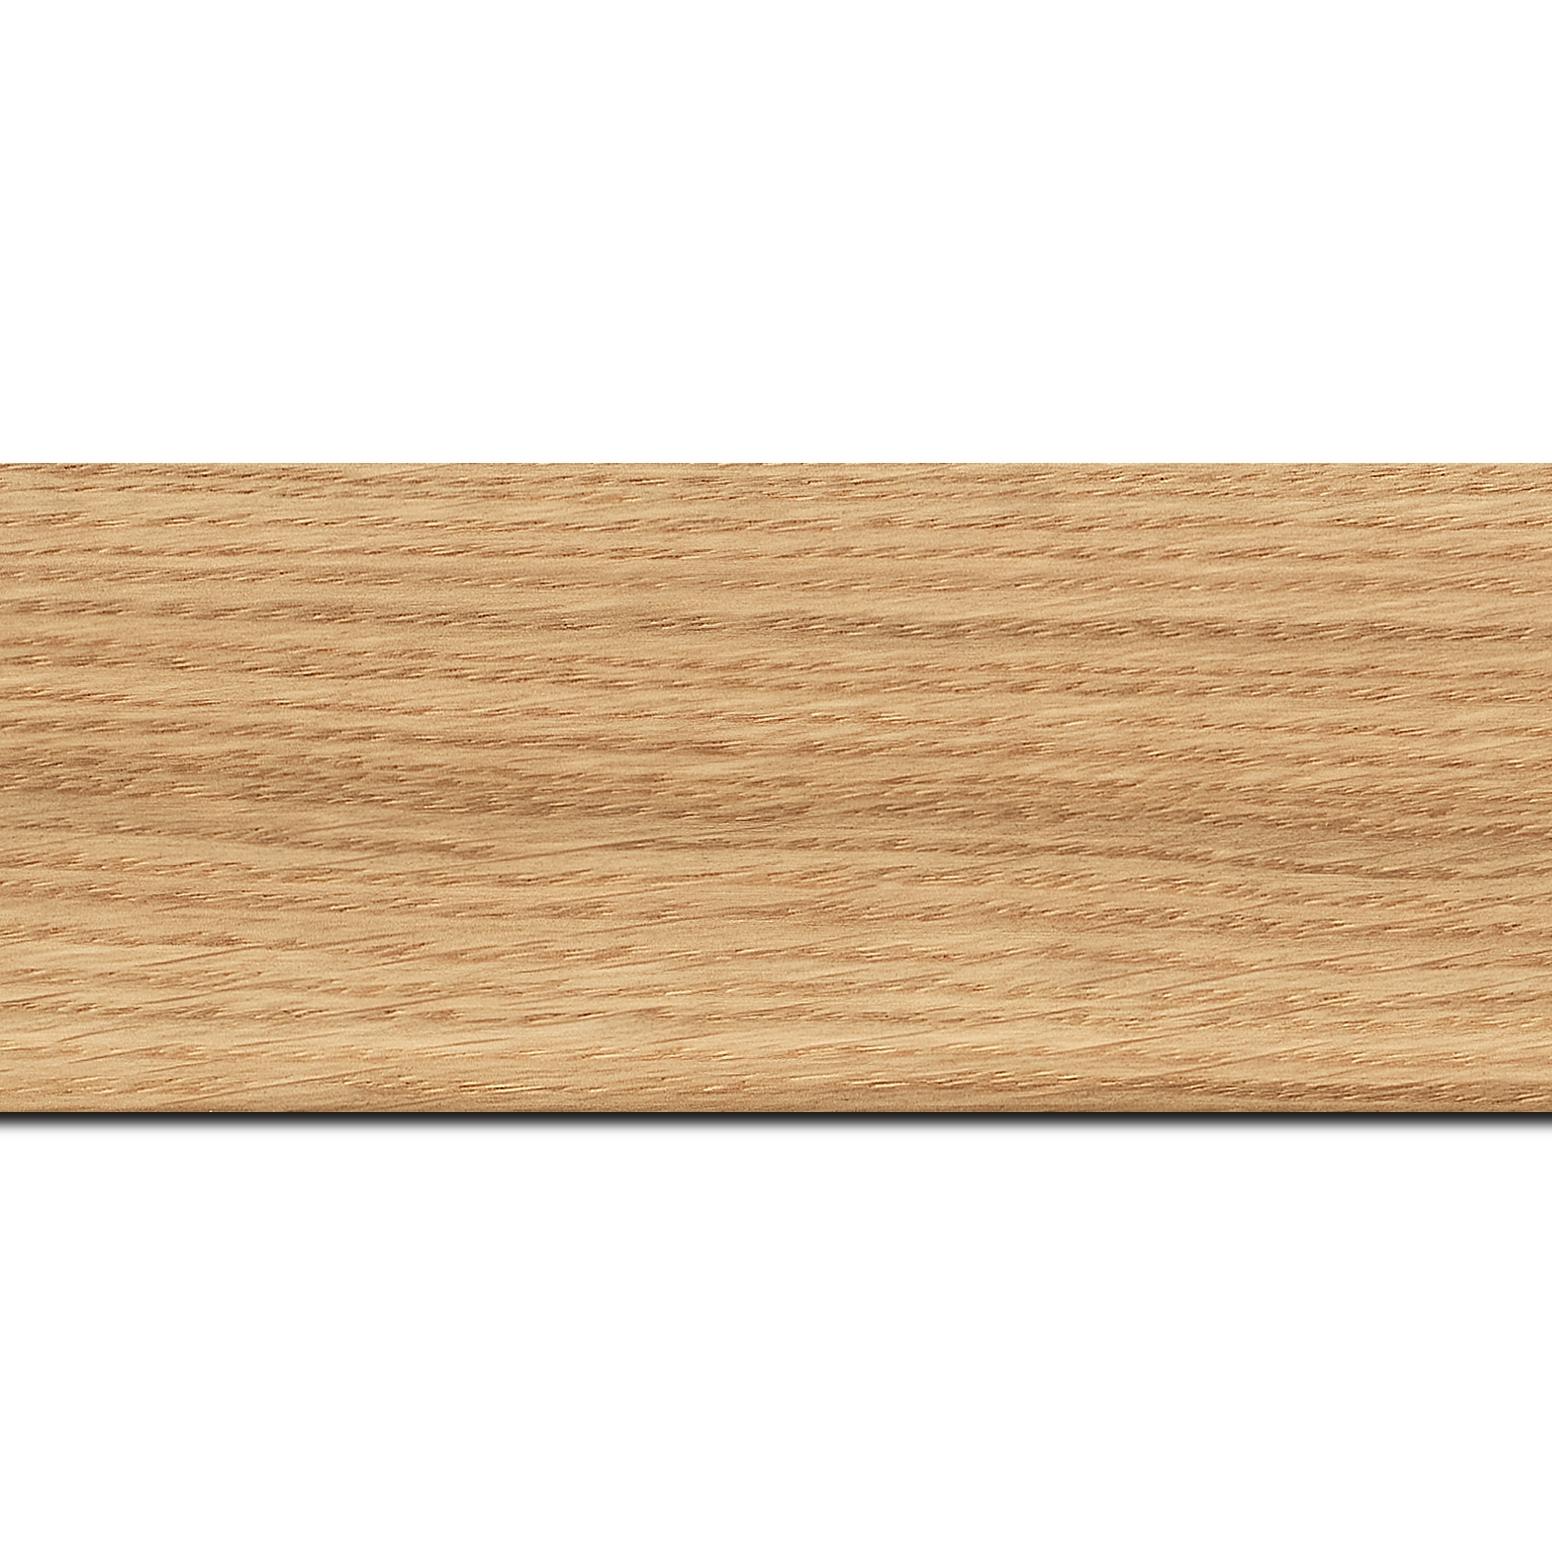 Pack par 12m, bois profil plat largeur 6.3cm plaquage haut de gamme chêne naturel(longueur baguette pouvant varier entre 2.40m et 3m selon arrivage des bois)